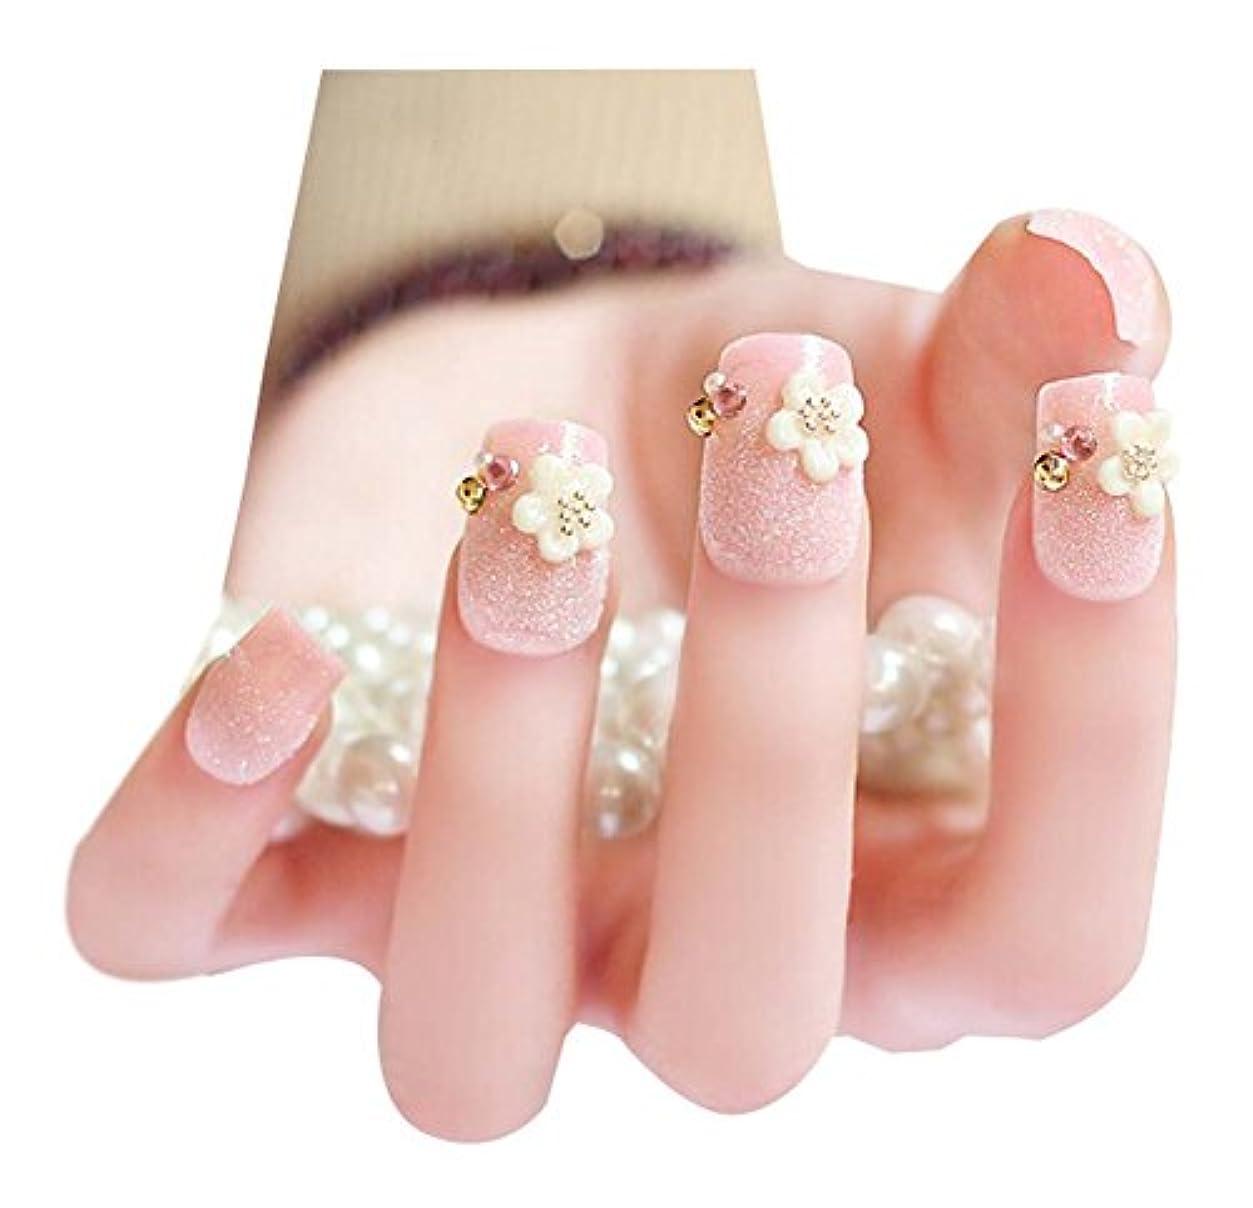 簡単な唯物論すぐに素敵なピンクのビーズの花DIY 3Dの偽の釘の結婚式の偽のネイルアート、2パック - 48枚